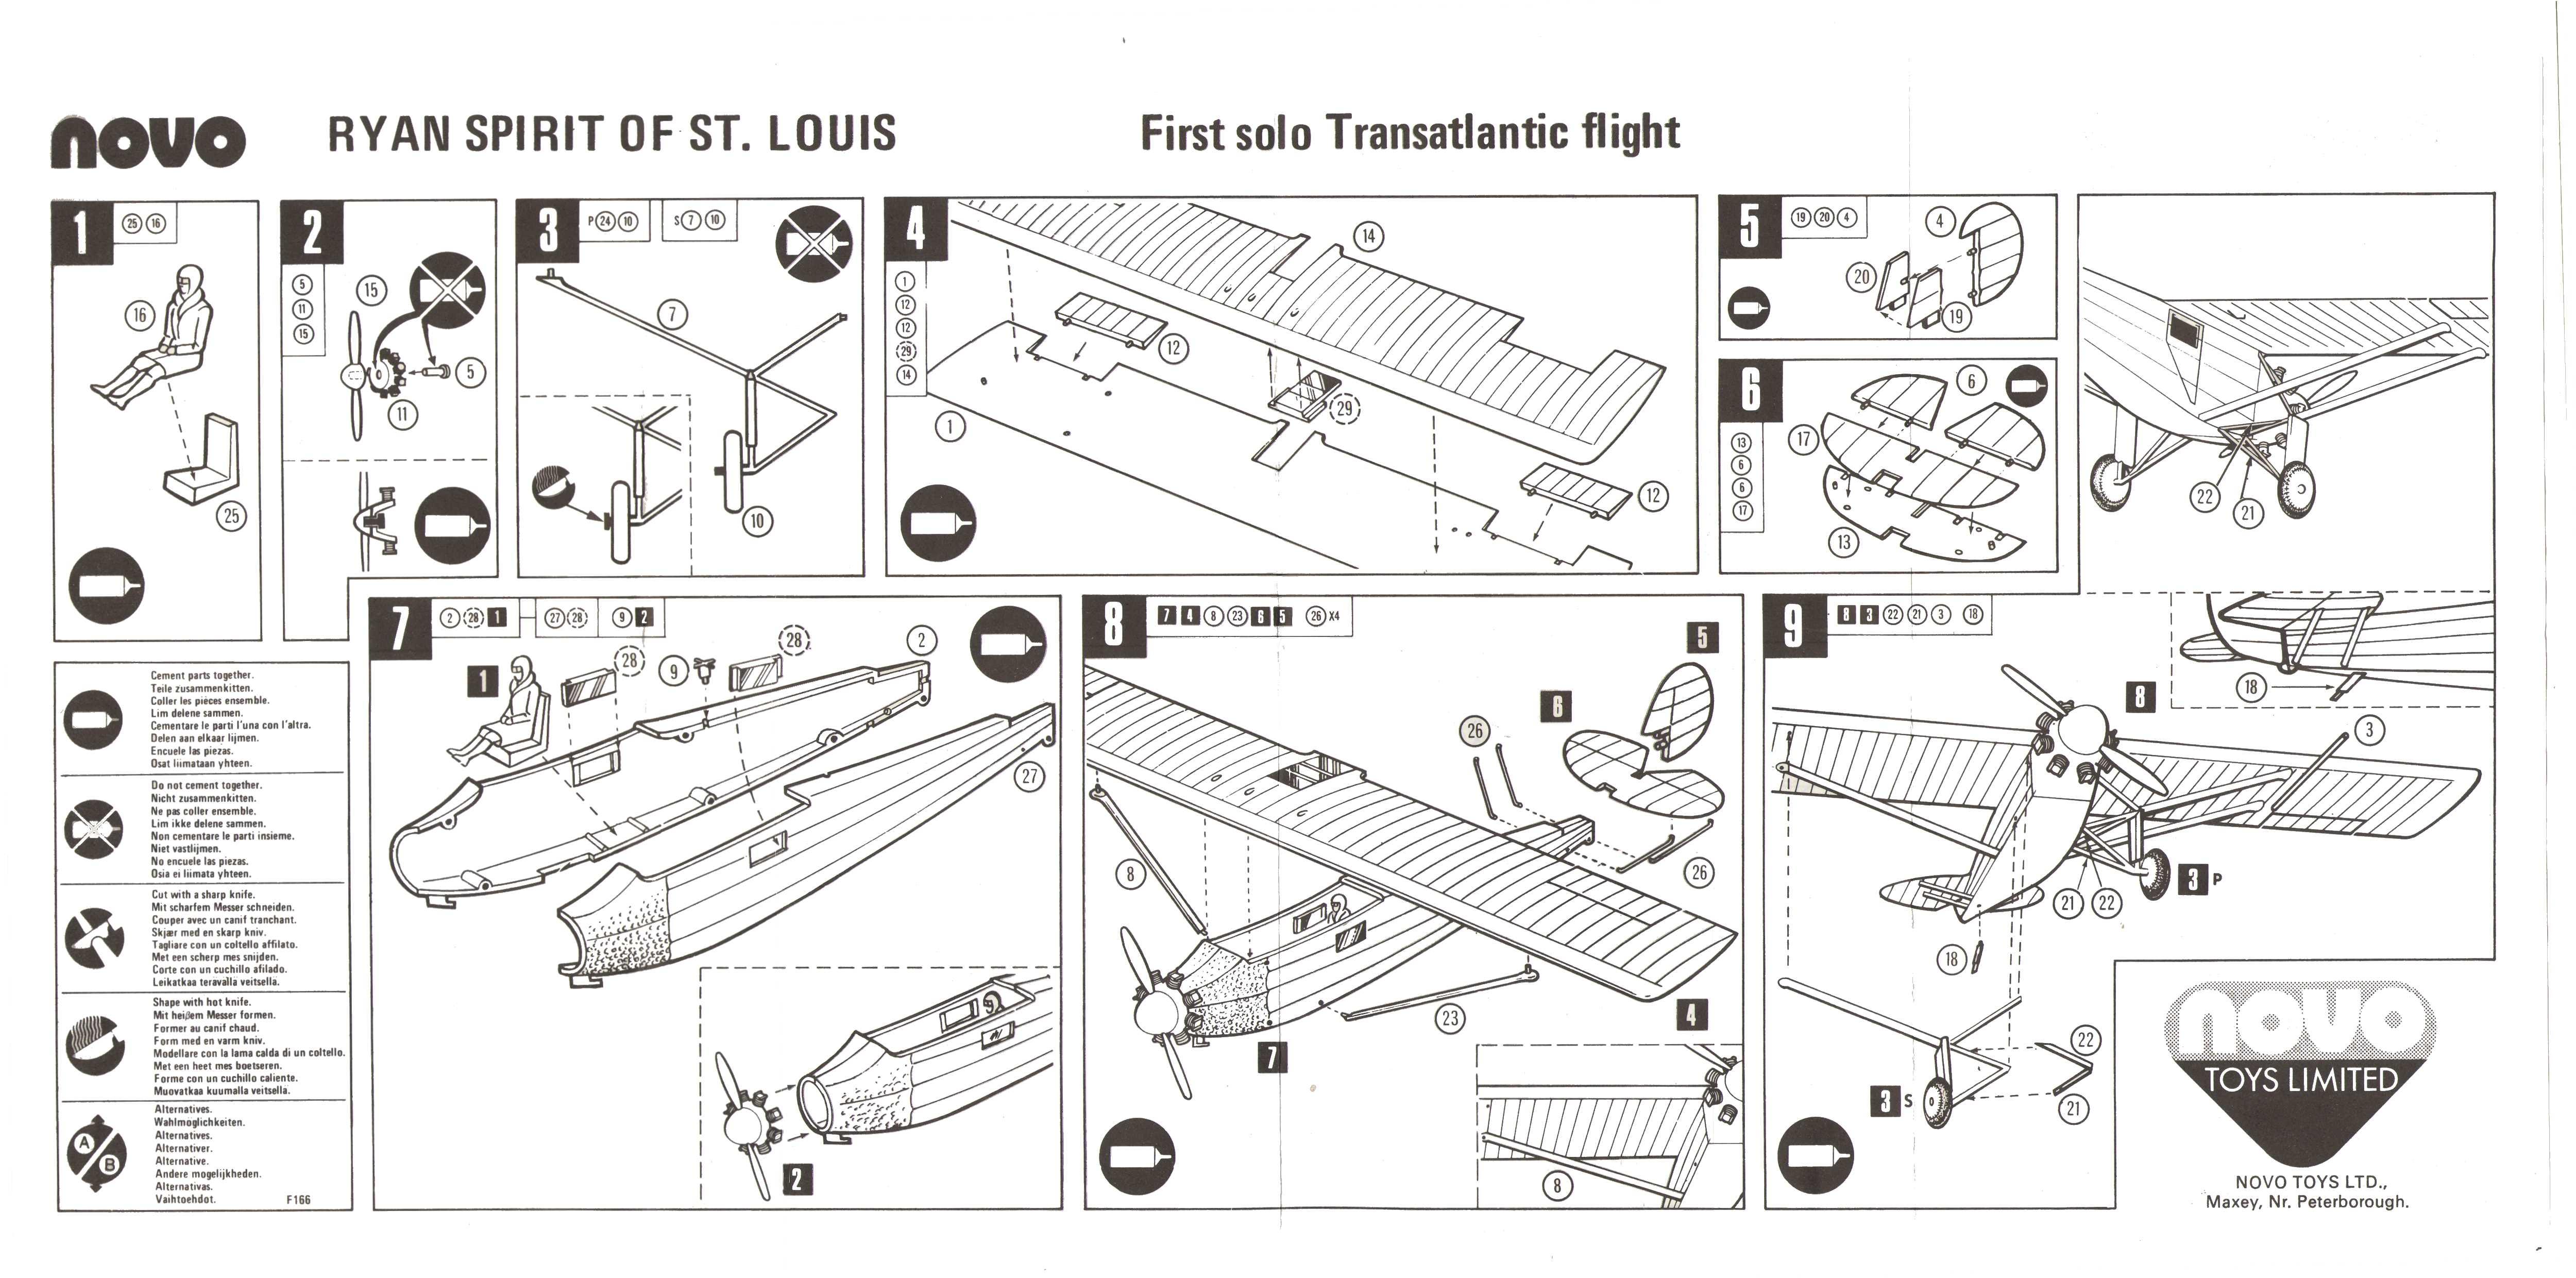 Инструкция по сборке NOVO Toys Ltd F166 Ryan - Spirit of St. Louis